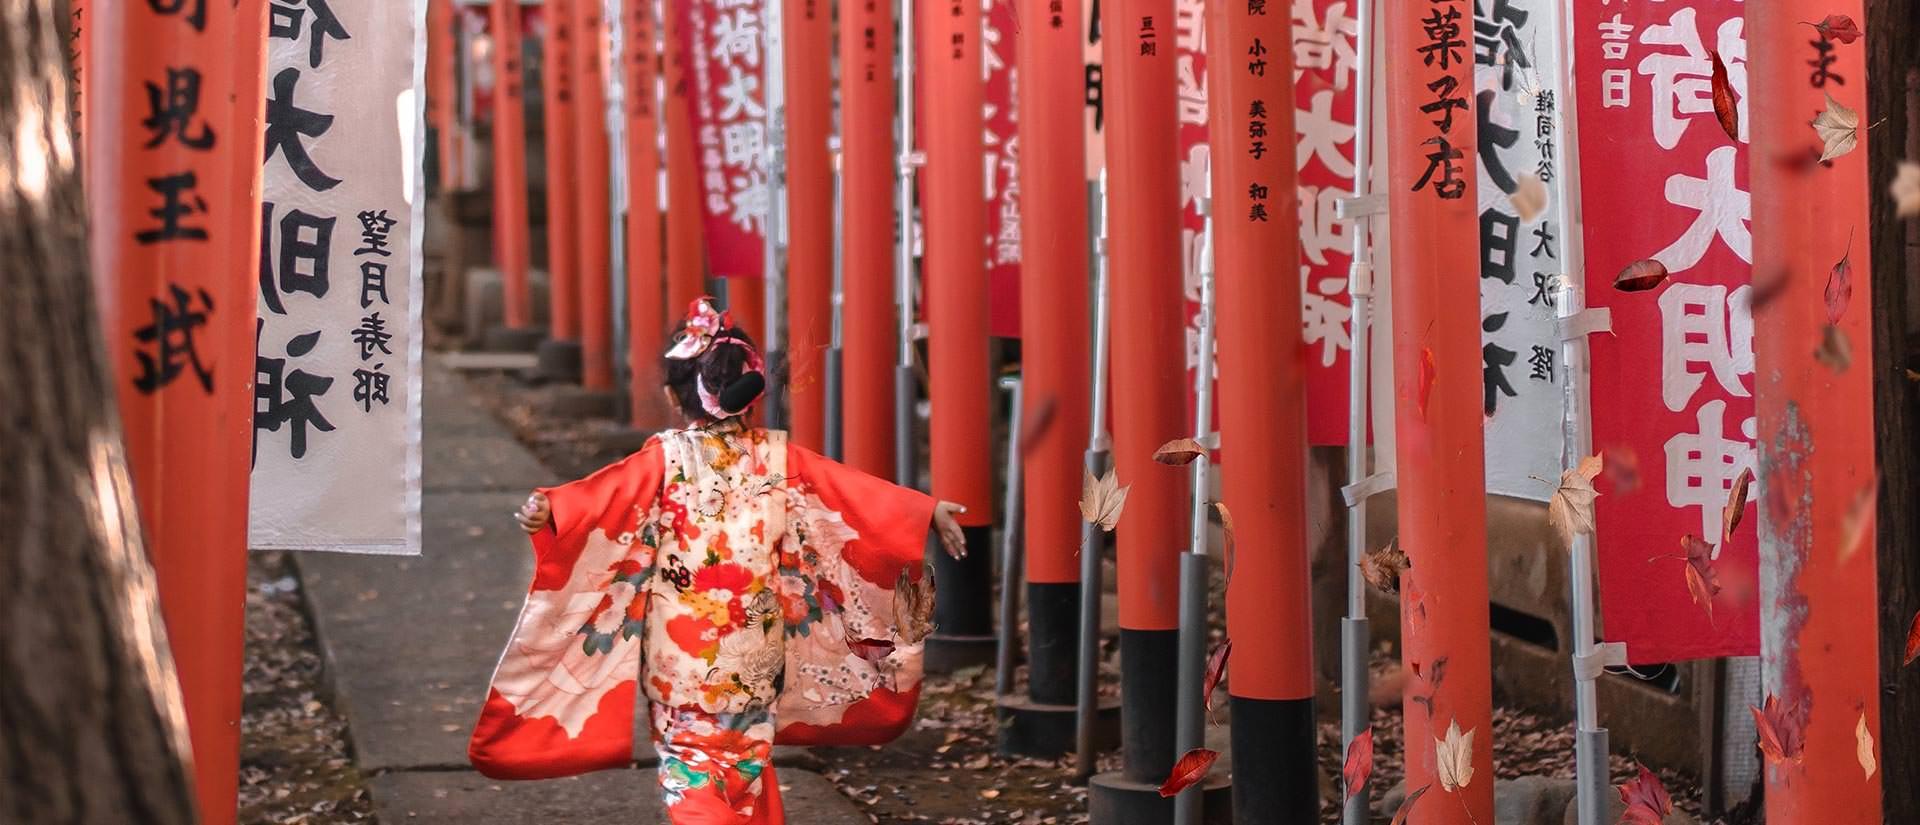 יפנית על קצה המקלות